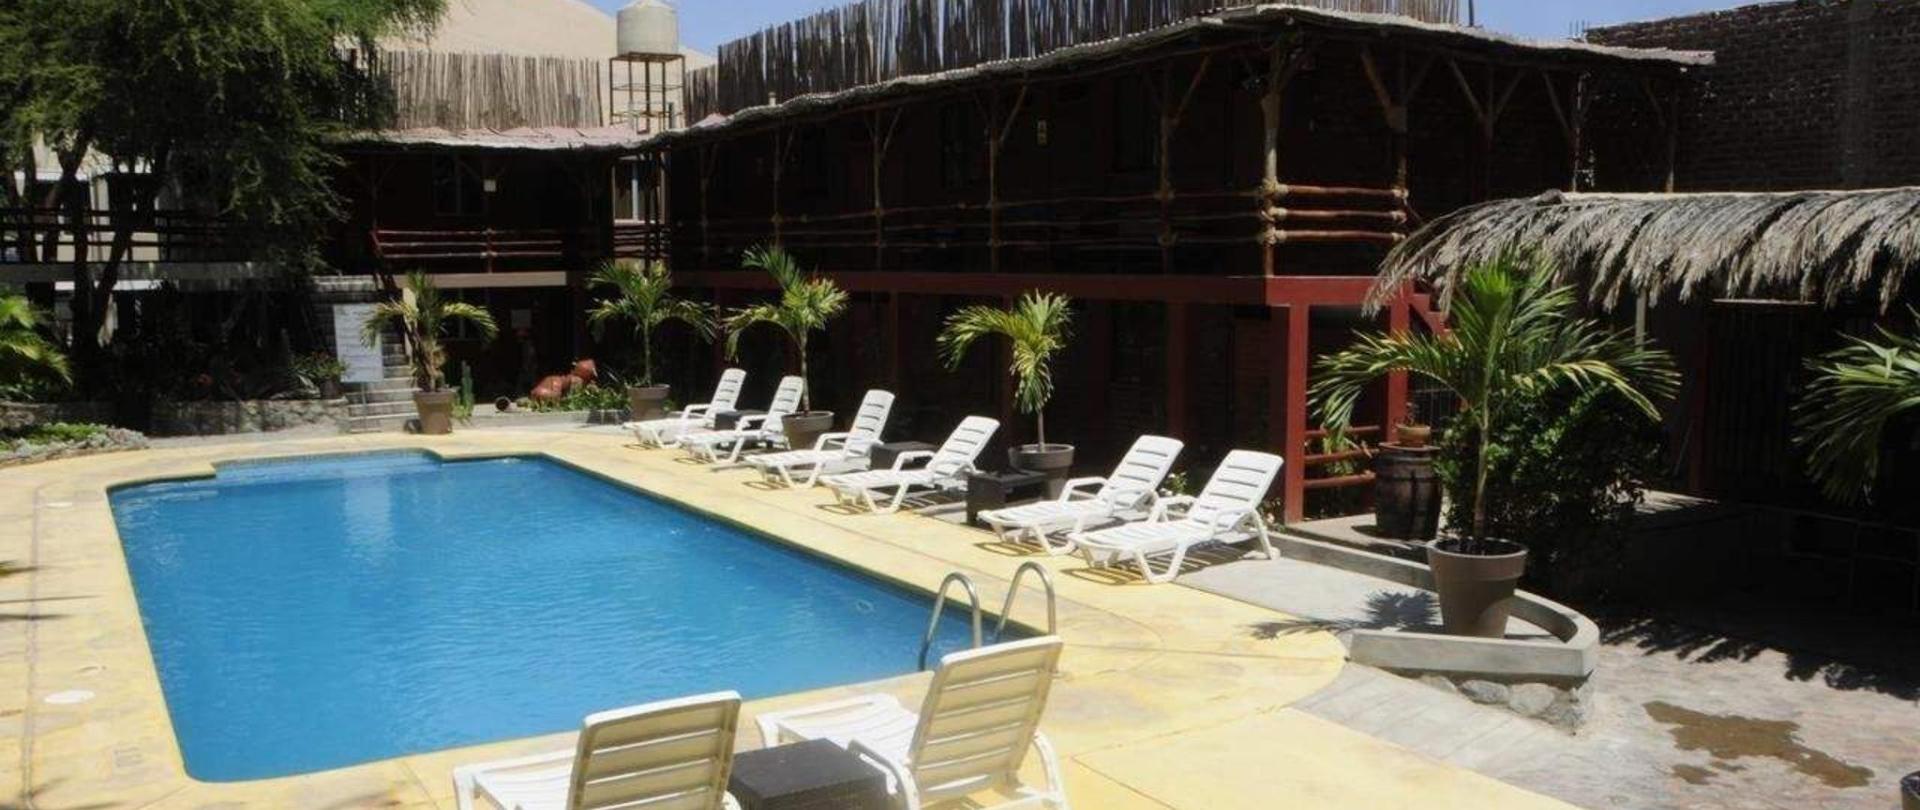 hotel-huacanichero12.jpg